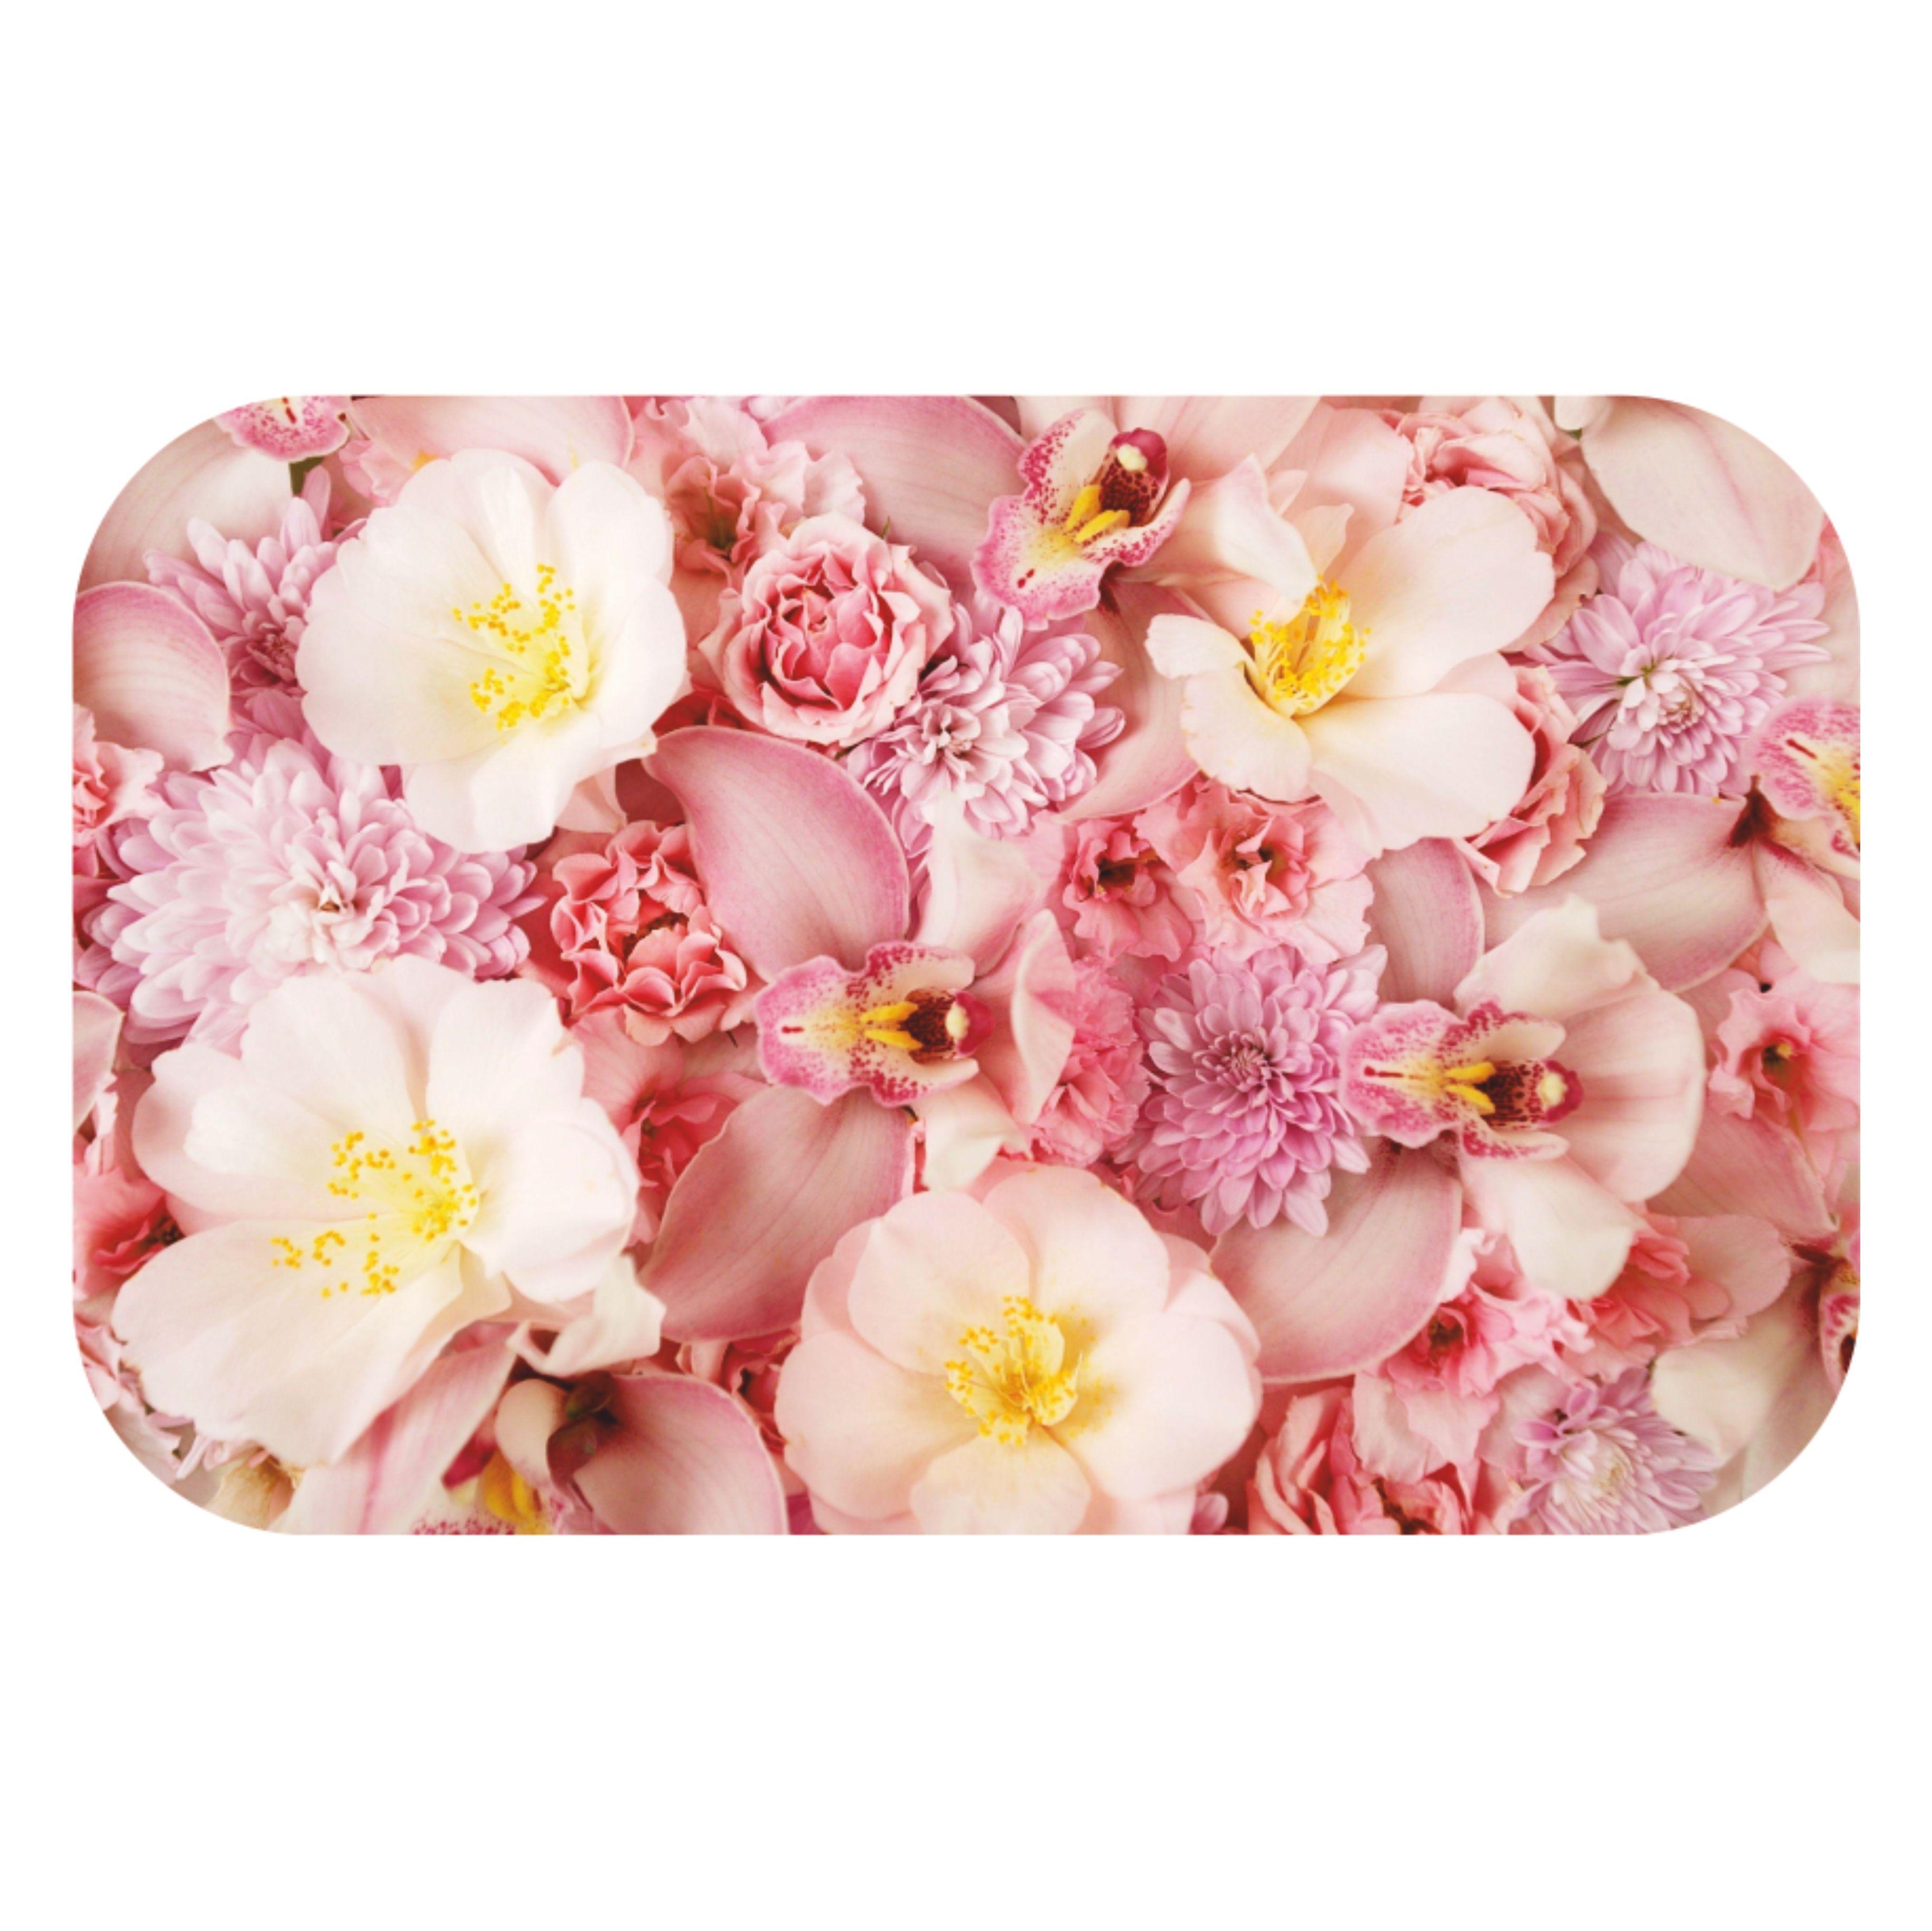 Столешница из стекла с изображением розовых цветов СО-Д-02-16